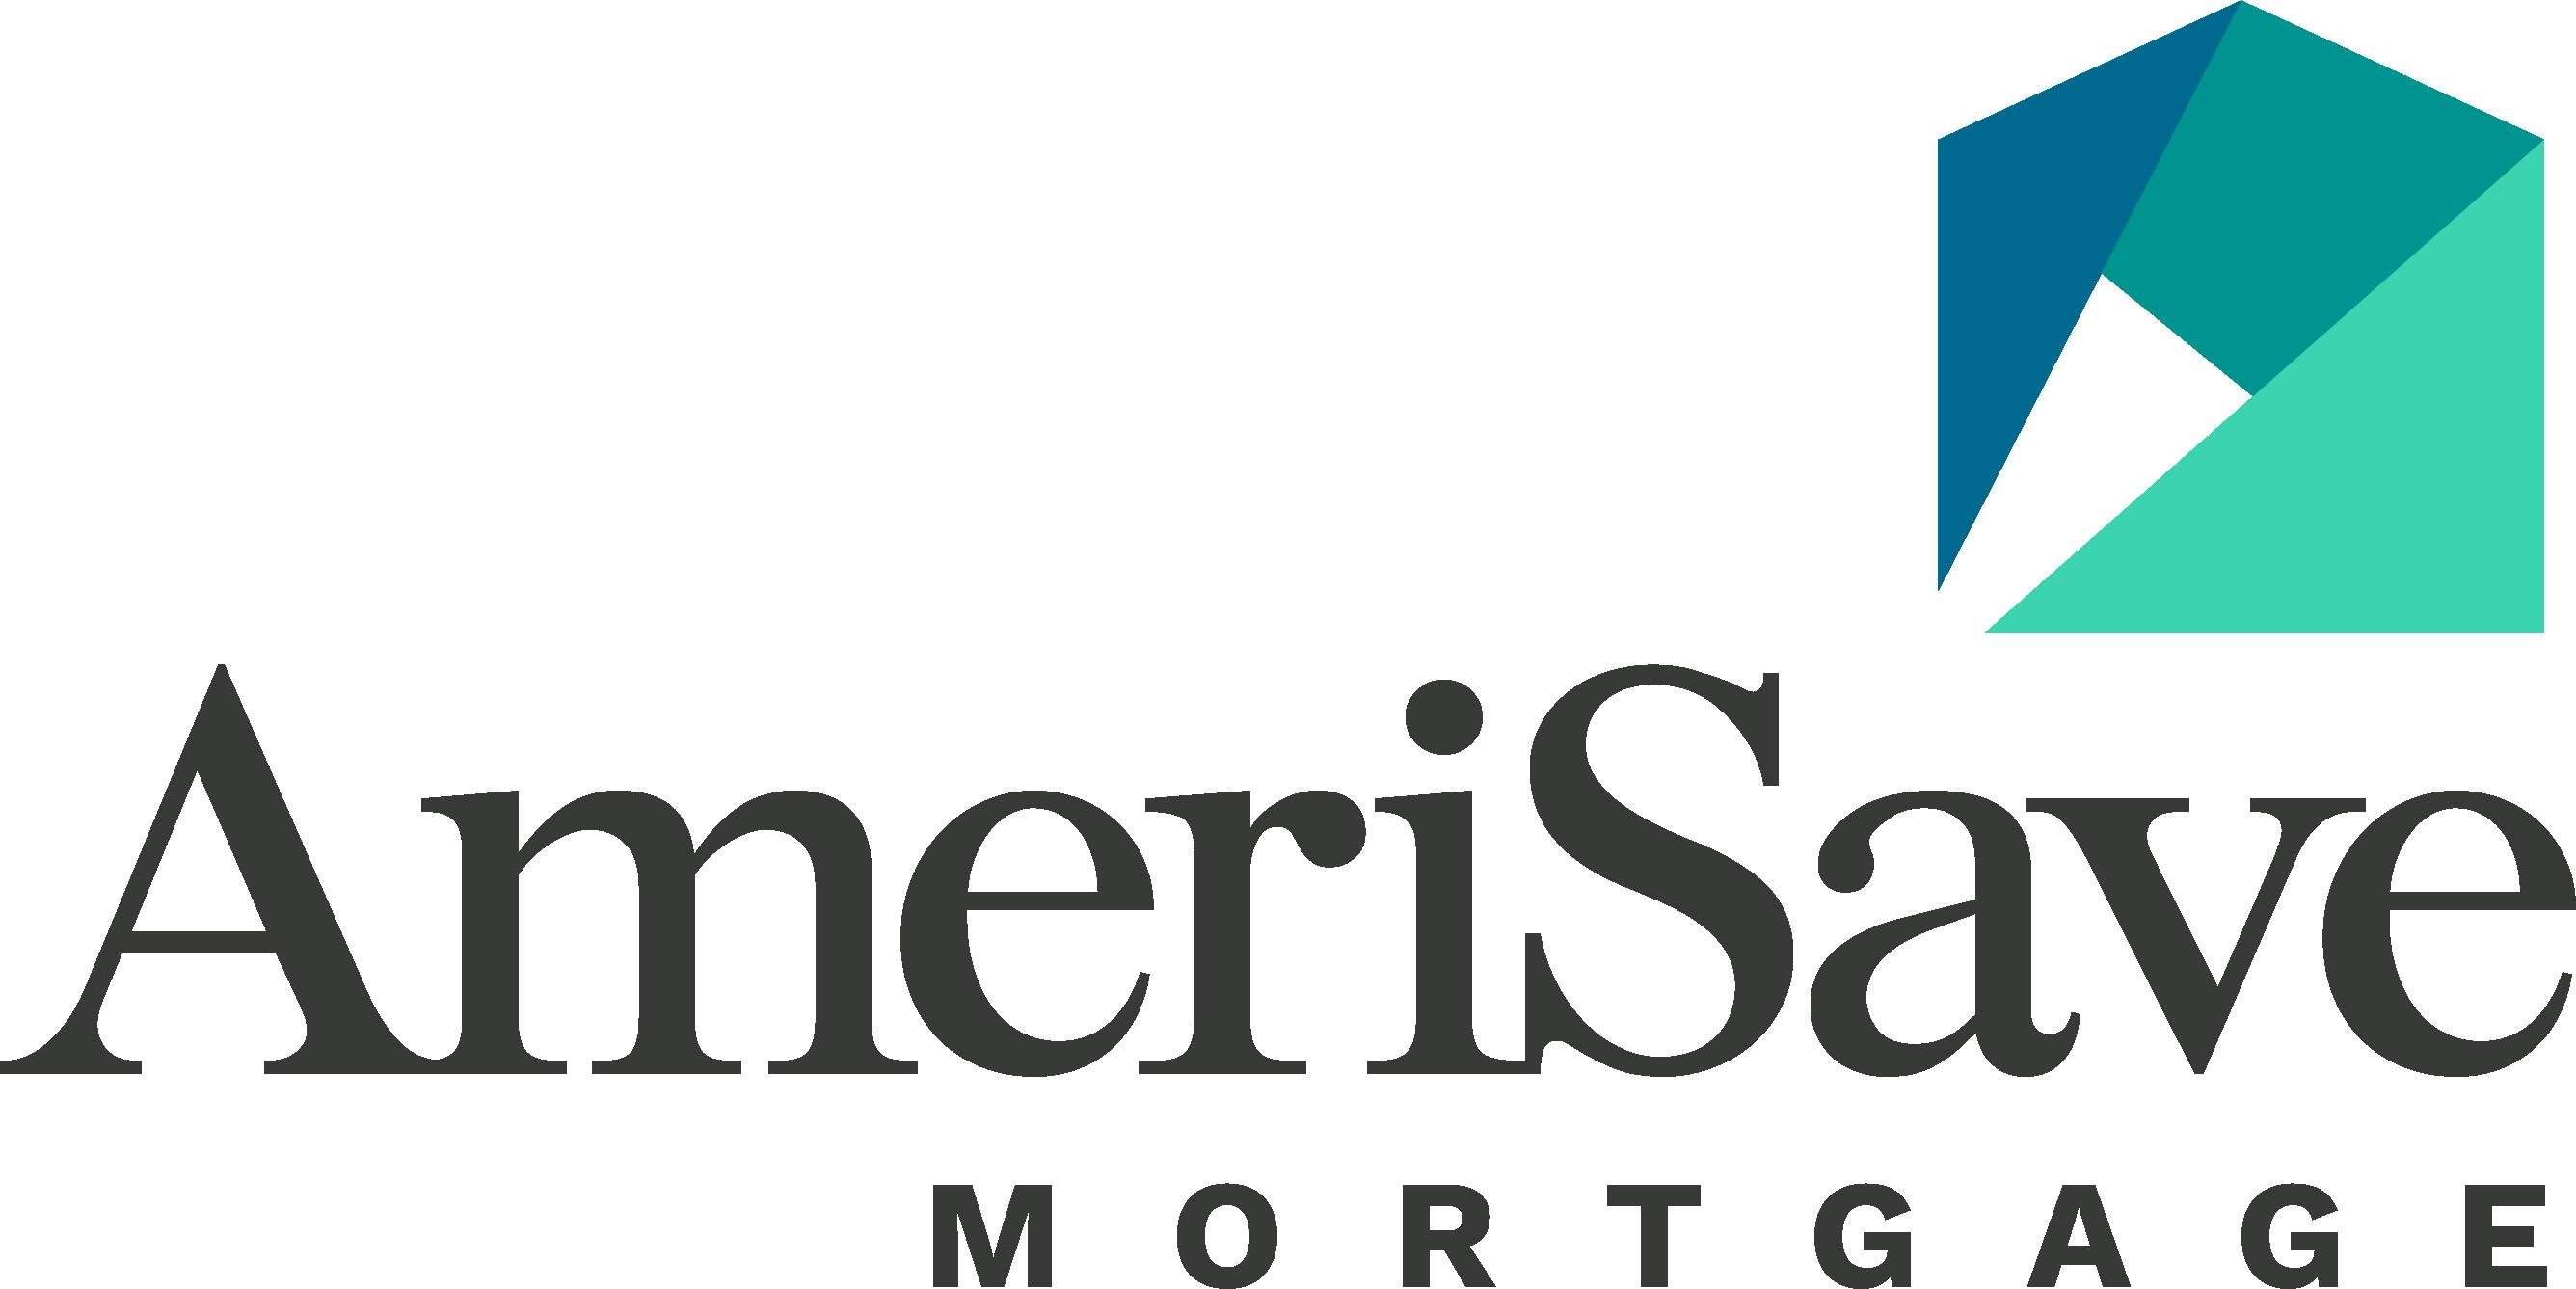 Amerisave company logo